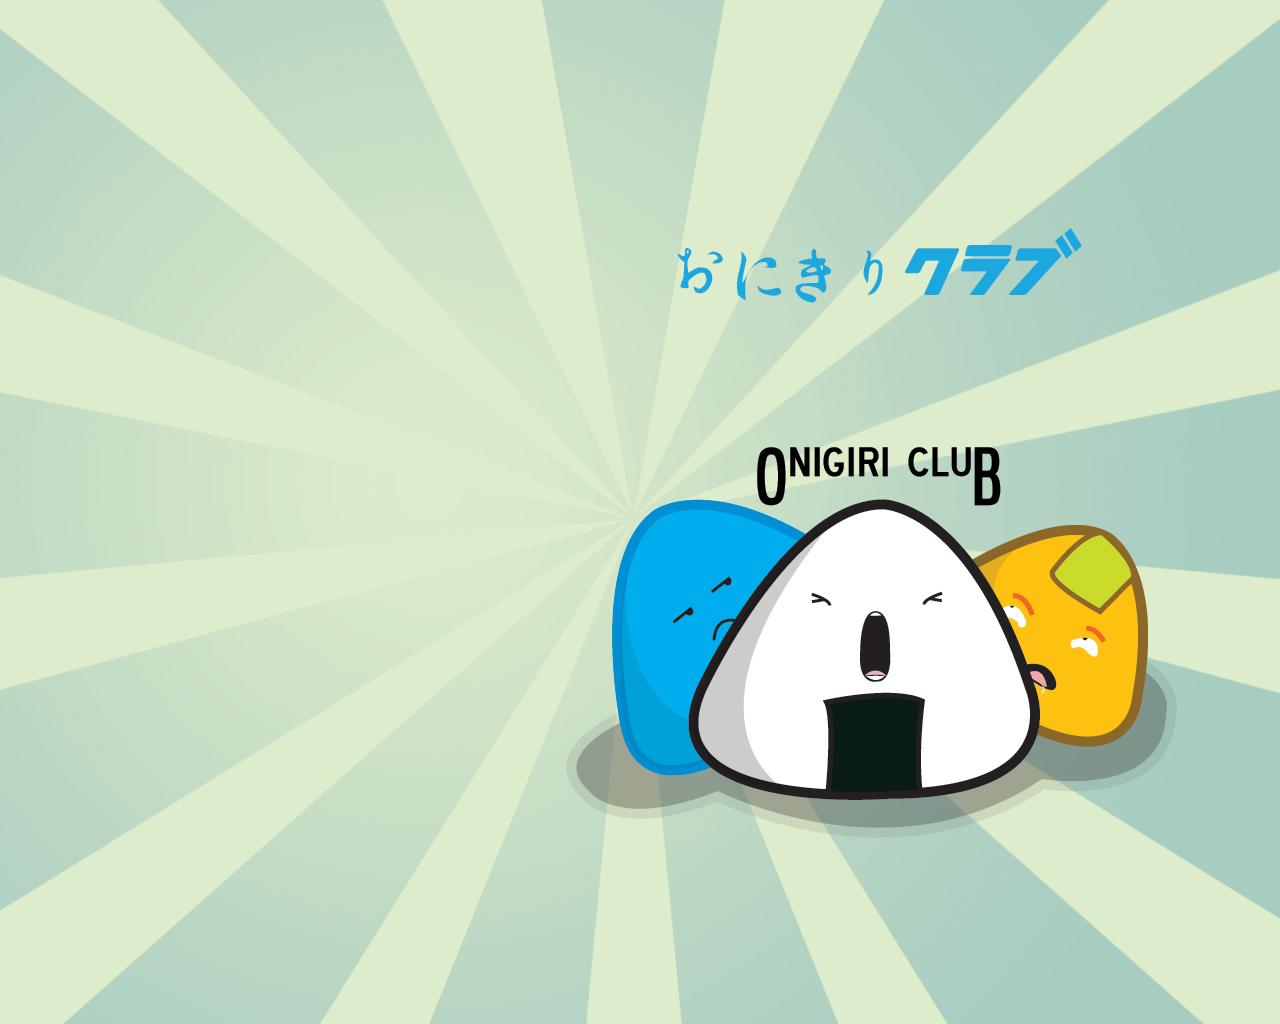 Onigiri Club Wallpaper